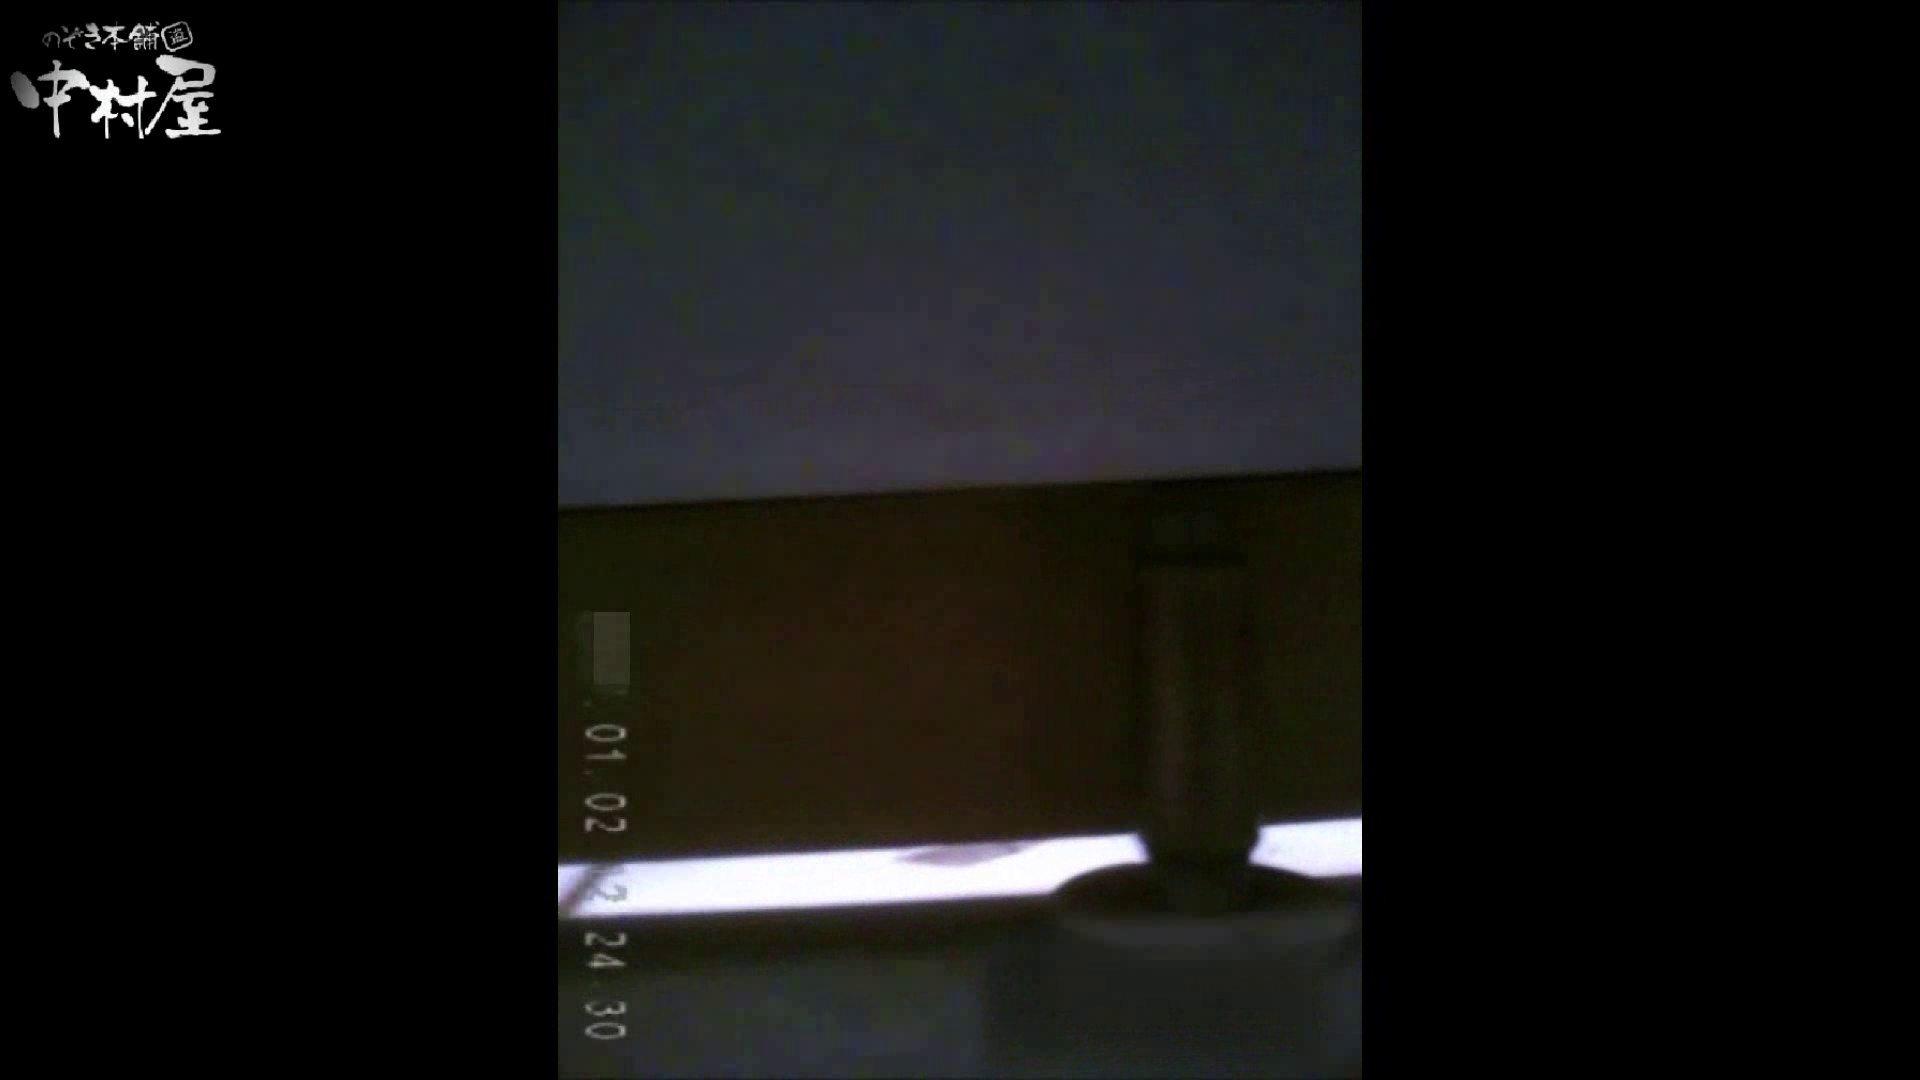 雅さんが厳選新年特別コンテンツ!激走!東京マラソン選手専用女子トイレvol.9 女子トイレ編 盗み撮り動画 105PIX 24